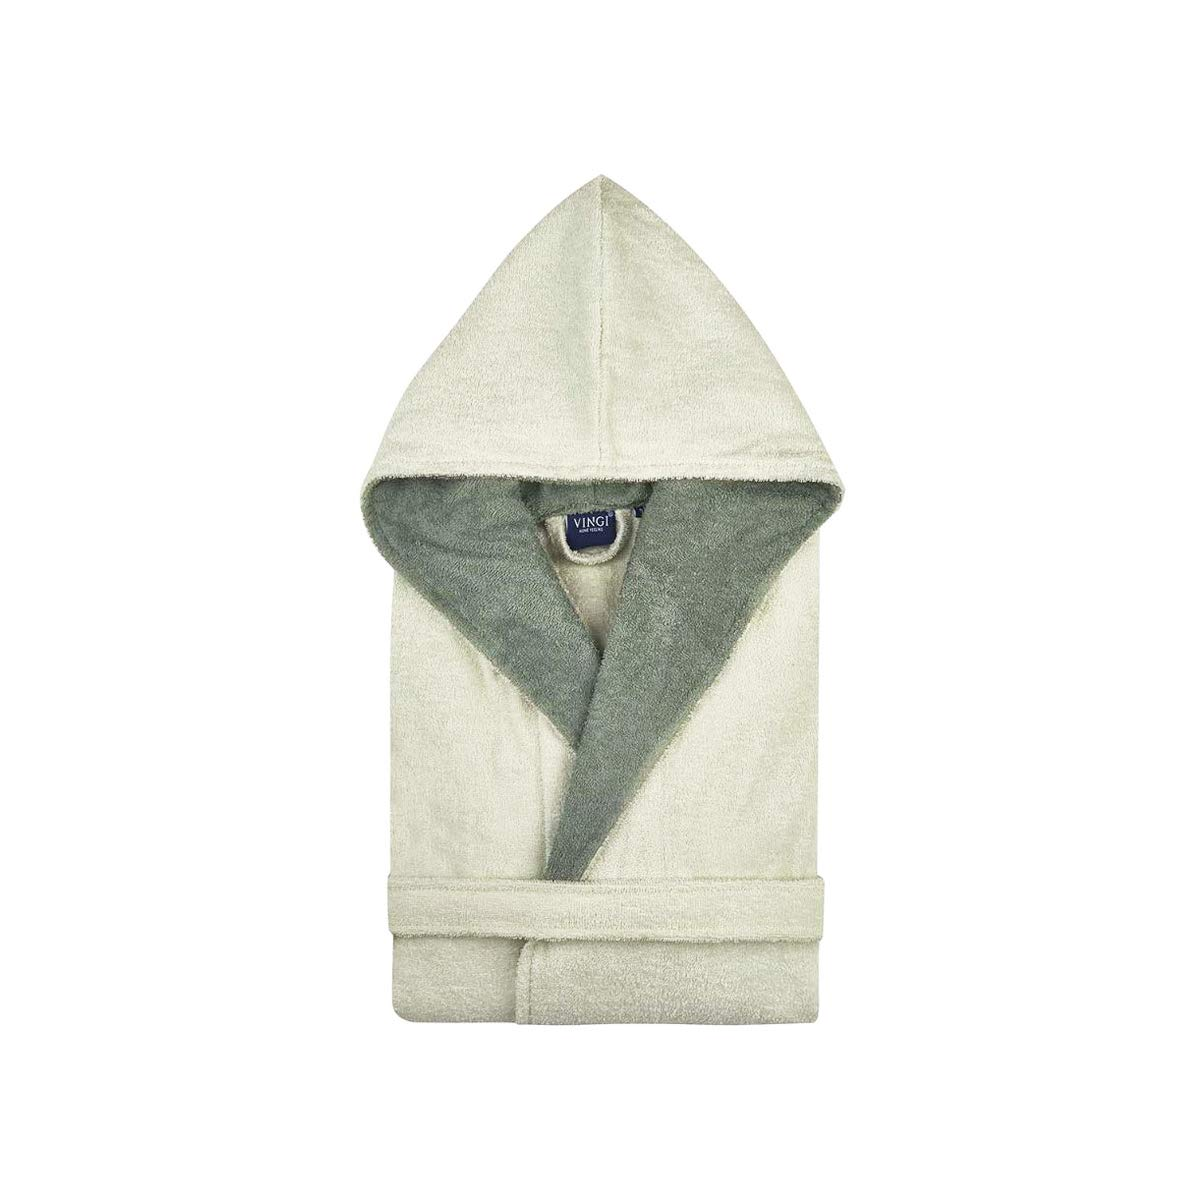 Avorio, S//M Vingi Accappatoio London Uomo Donna Spugna Vari Colori Cappuccio Tasche Cintura